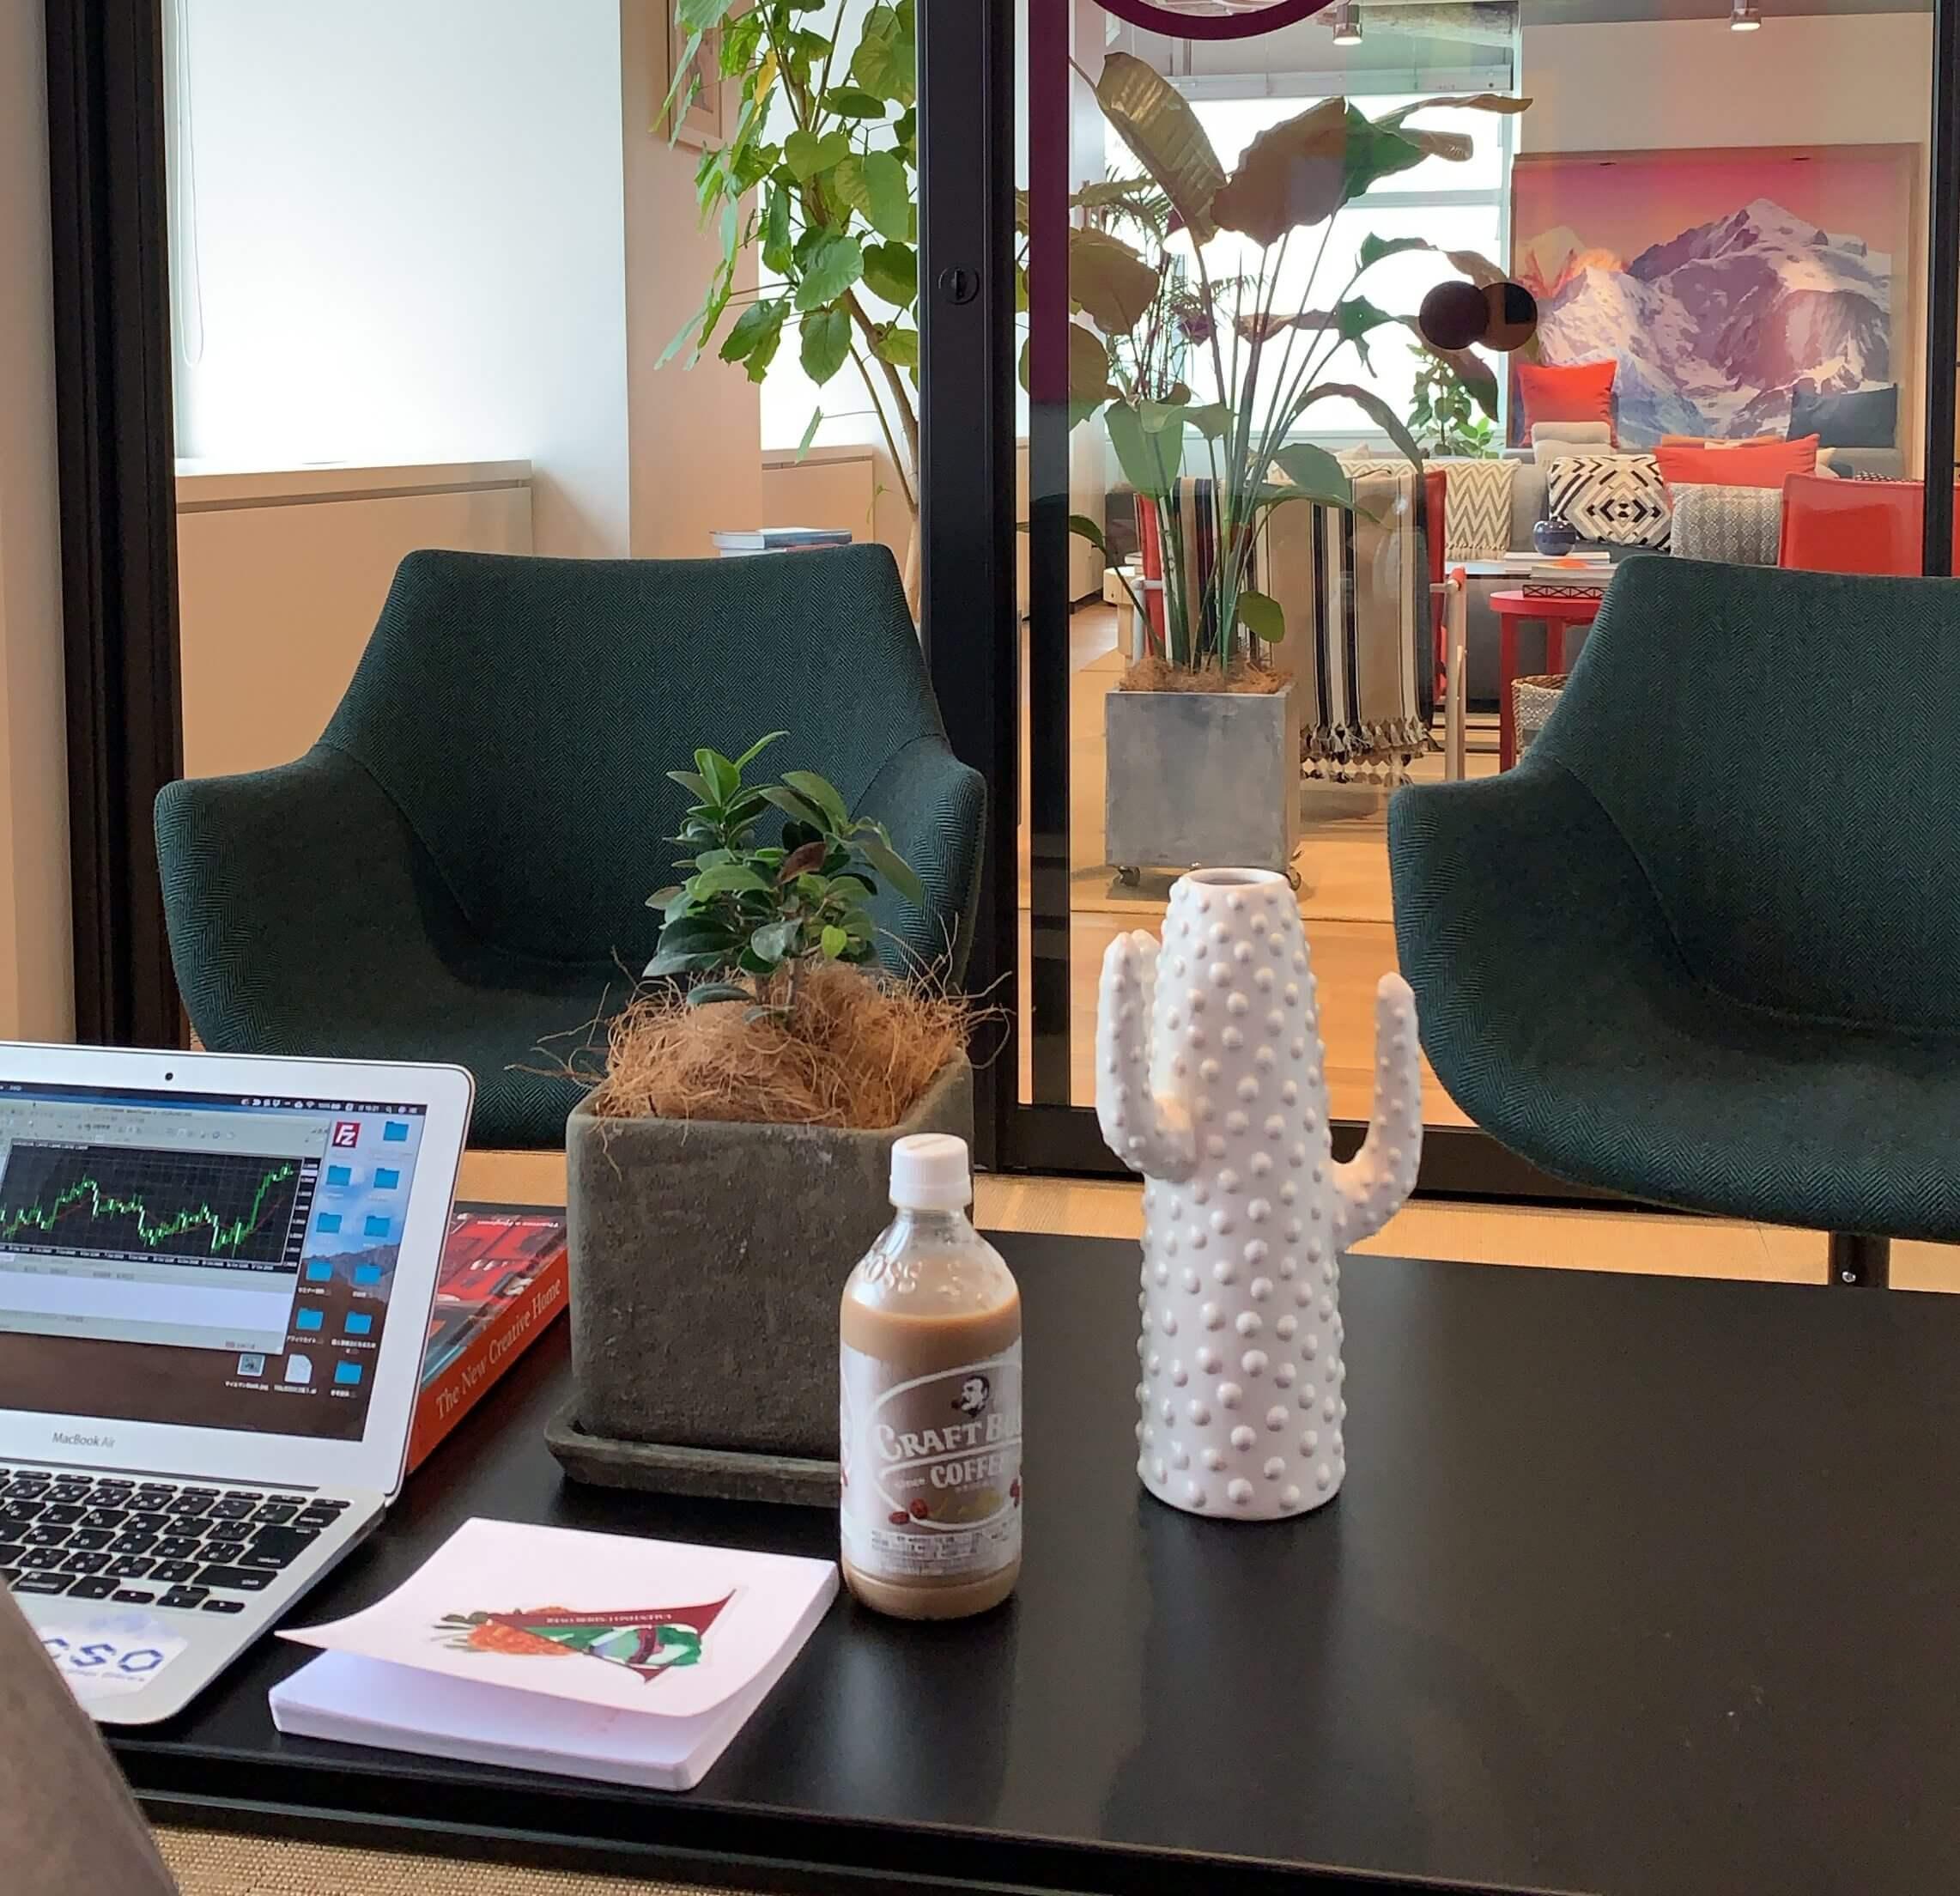 会社以外でも「カフェ以外で」落ち着いて仕事する場が欲しい!ぼくがおススメする最強シェアオフィス集